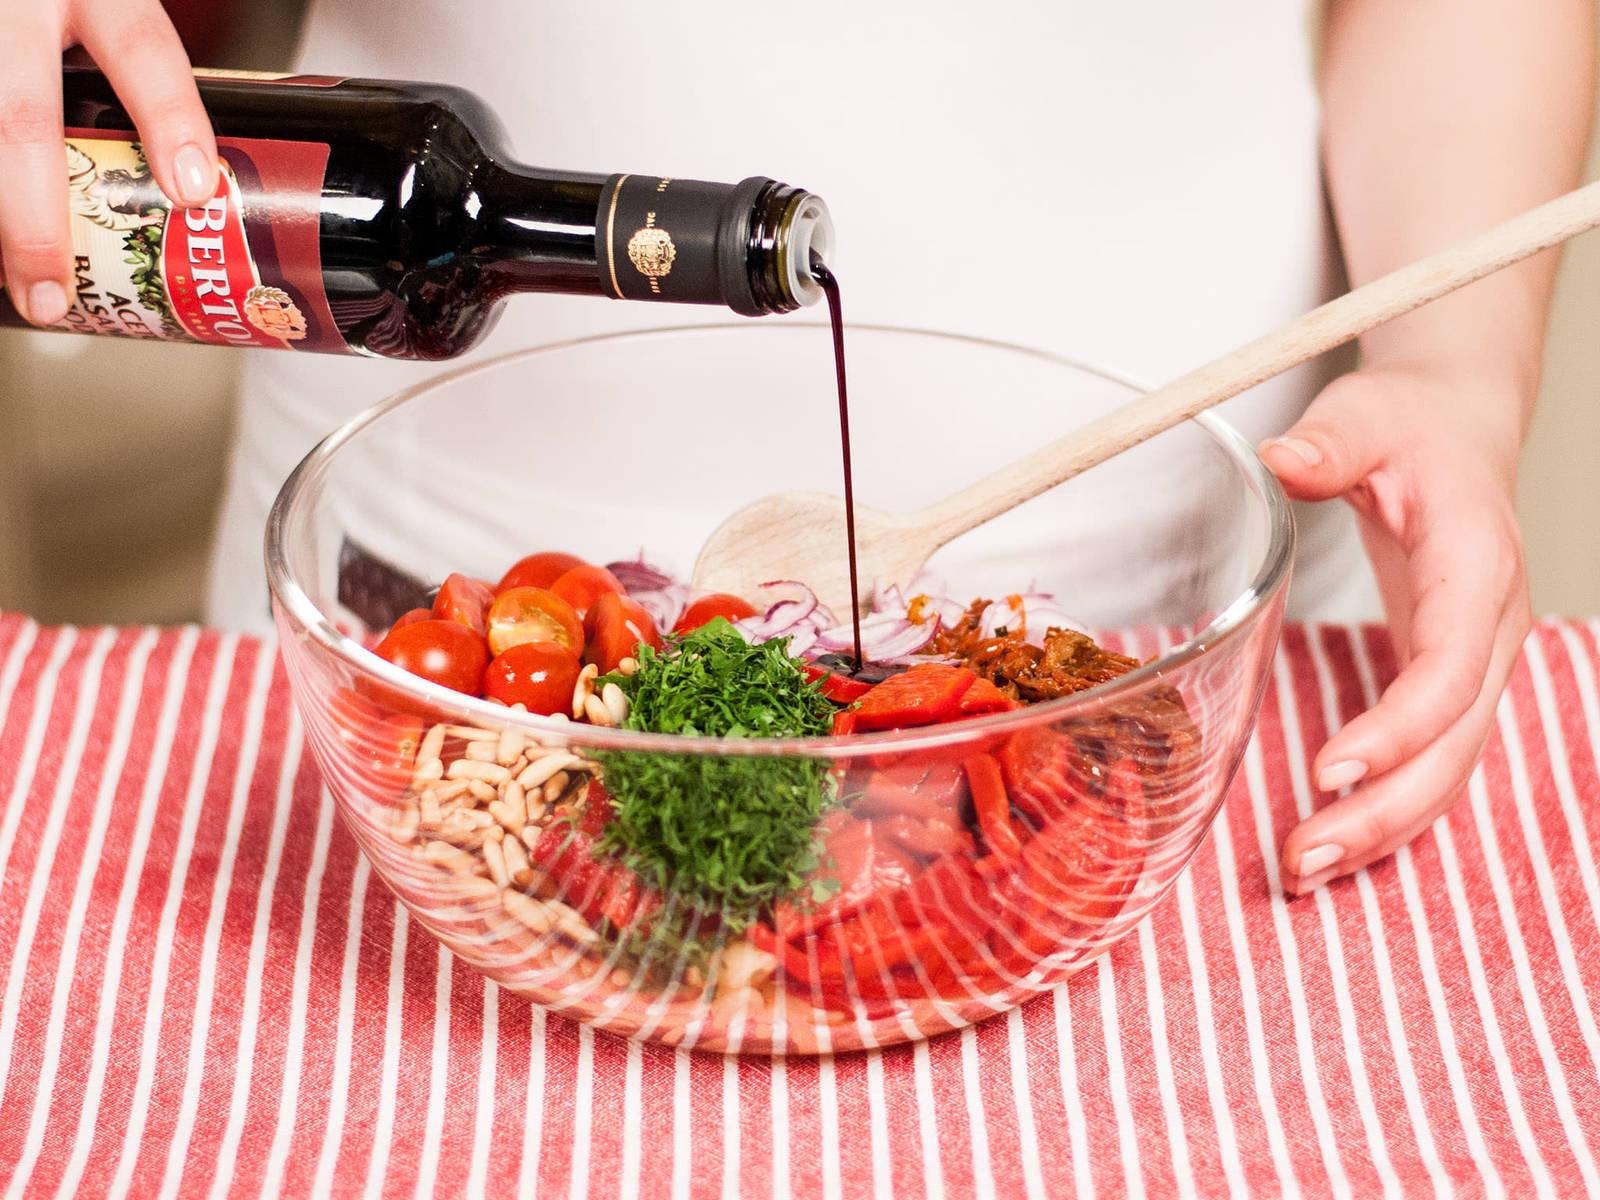 将煮好的意面和洋葱圈、樱桃番茄、灯笼椒、番茄干、烘好的松子和芝麻菜拌匀。加入4汤匙浸番茄干的油和2汤匙香醋。多加些盐和胡椒调味。